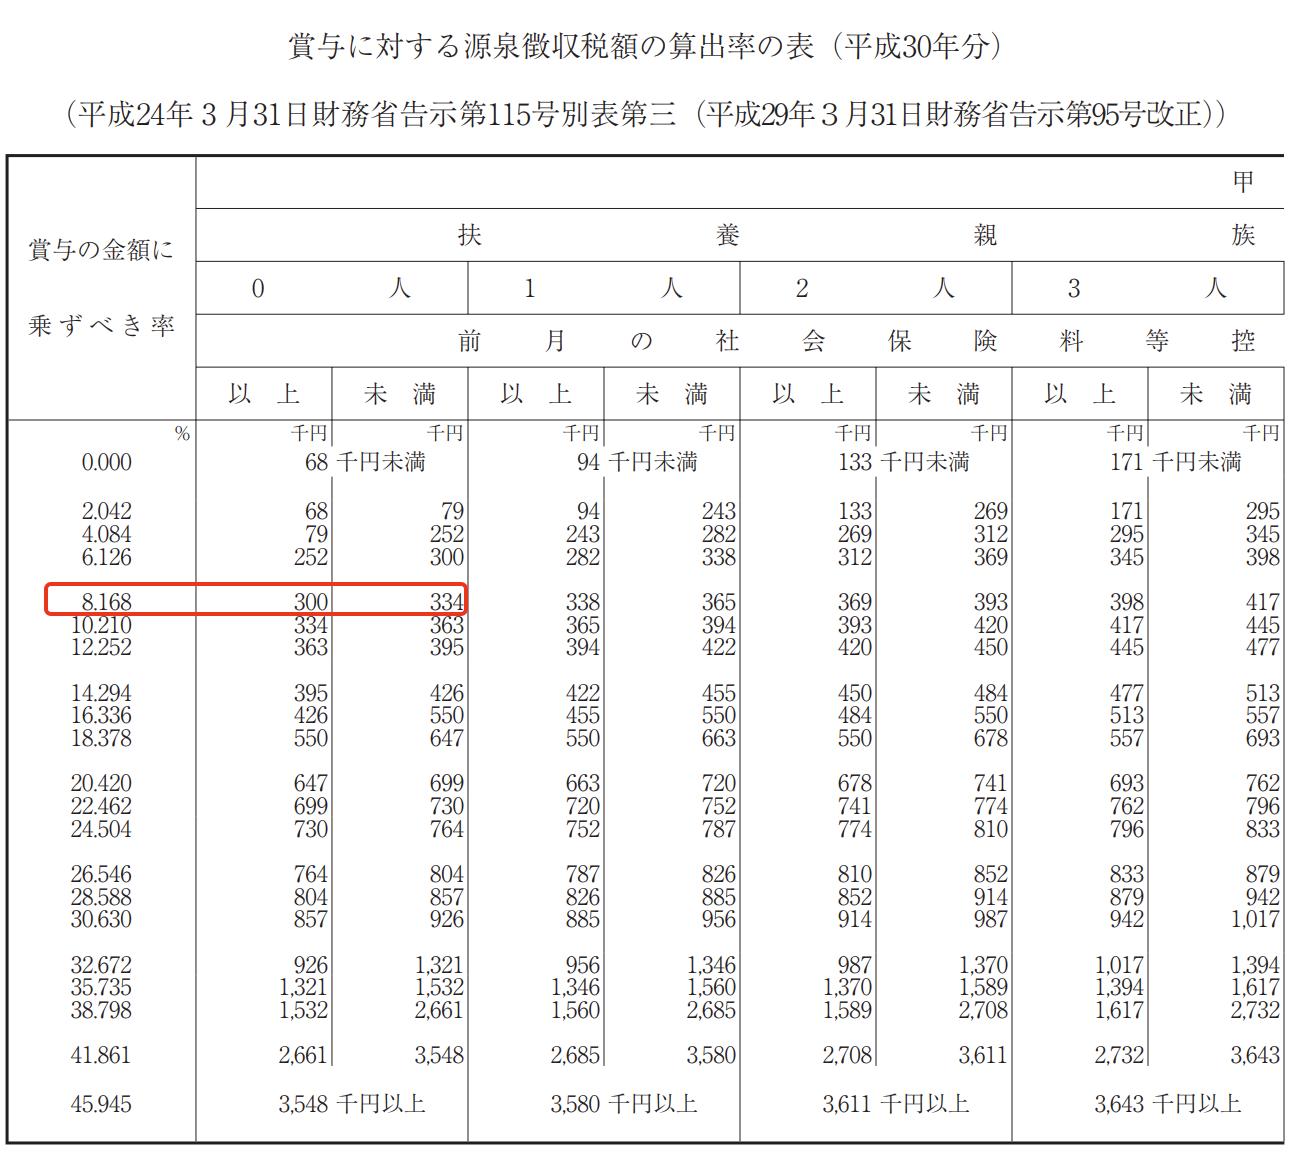 賞与に対する源泉徴収税額の算出率の表(平成30年分)